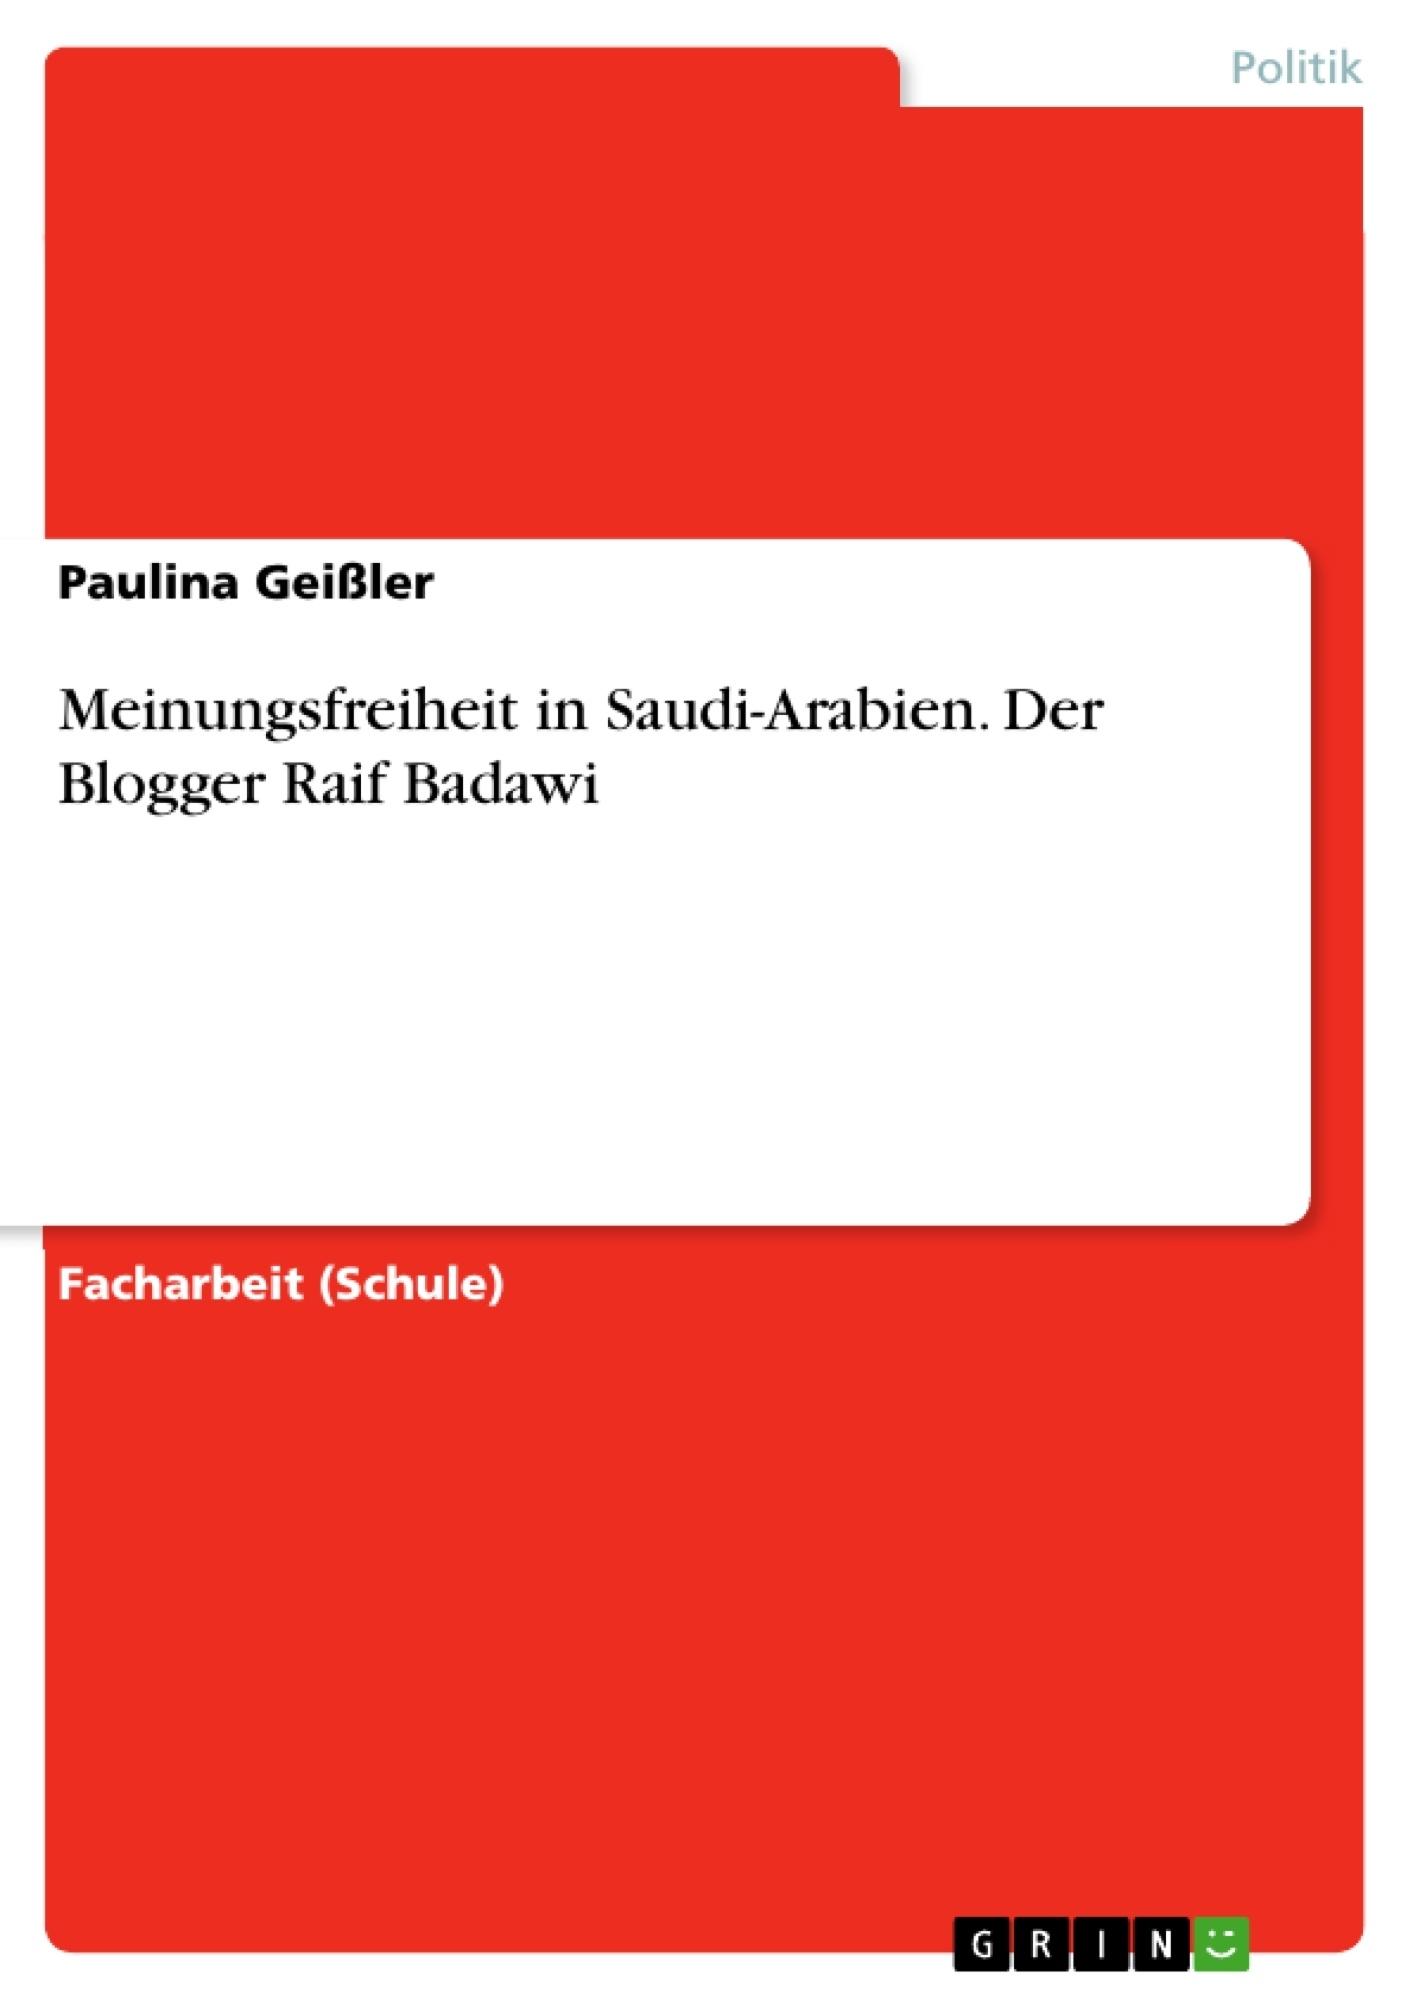 Titel: Meinungsfreiheit in Saudi-Arabien. Der Blogger Raif Badawi